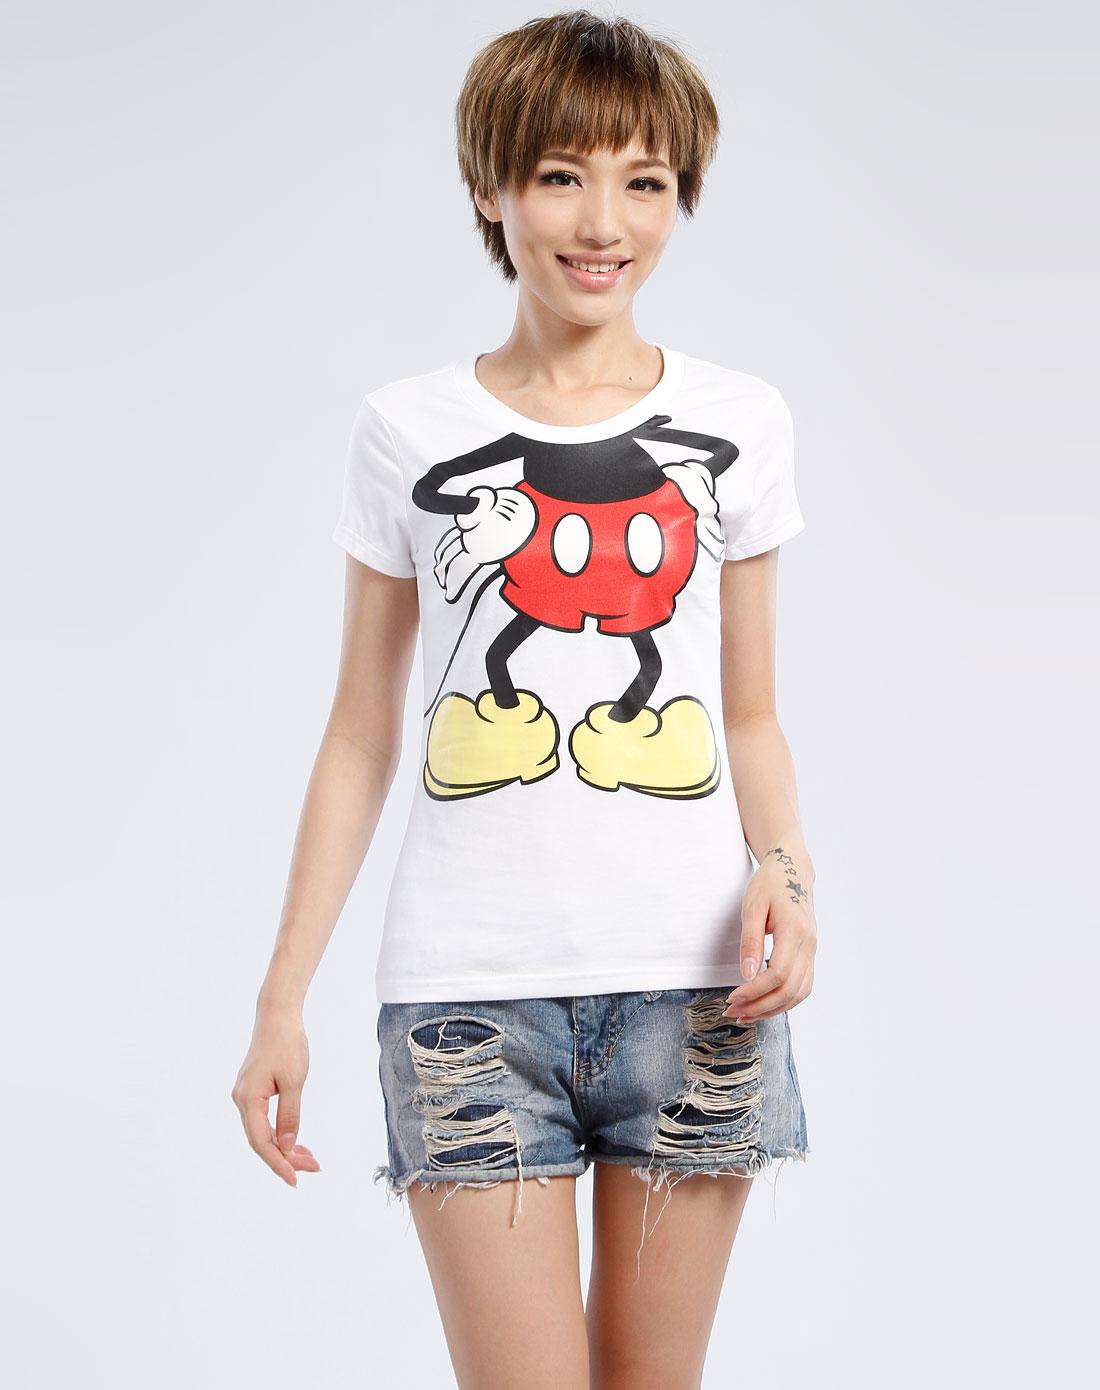 迪士尼disney米奇服装白色卡通图案短袖t恤ha_唯品